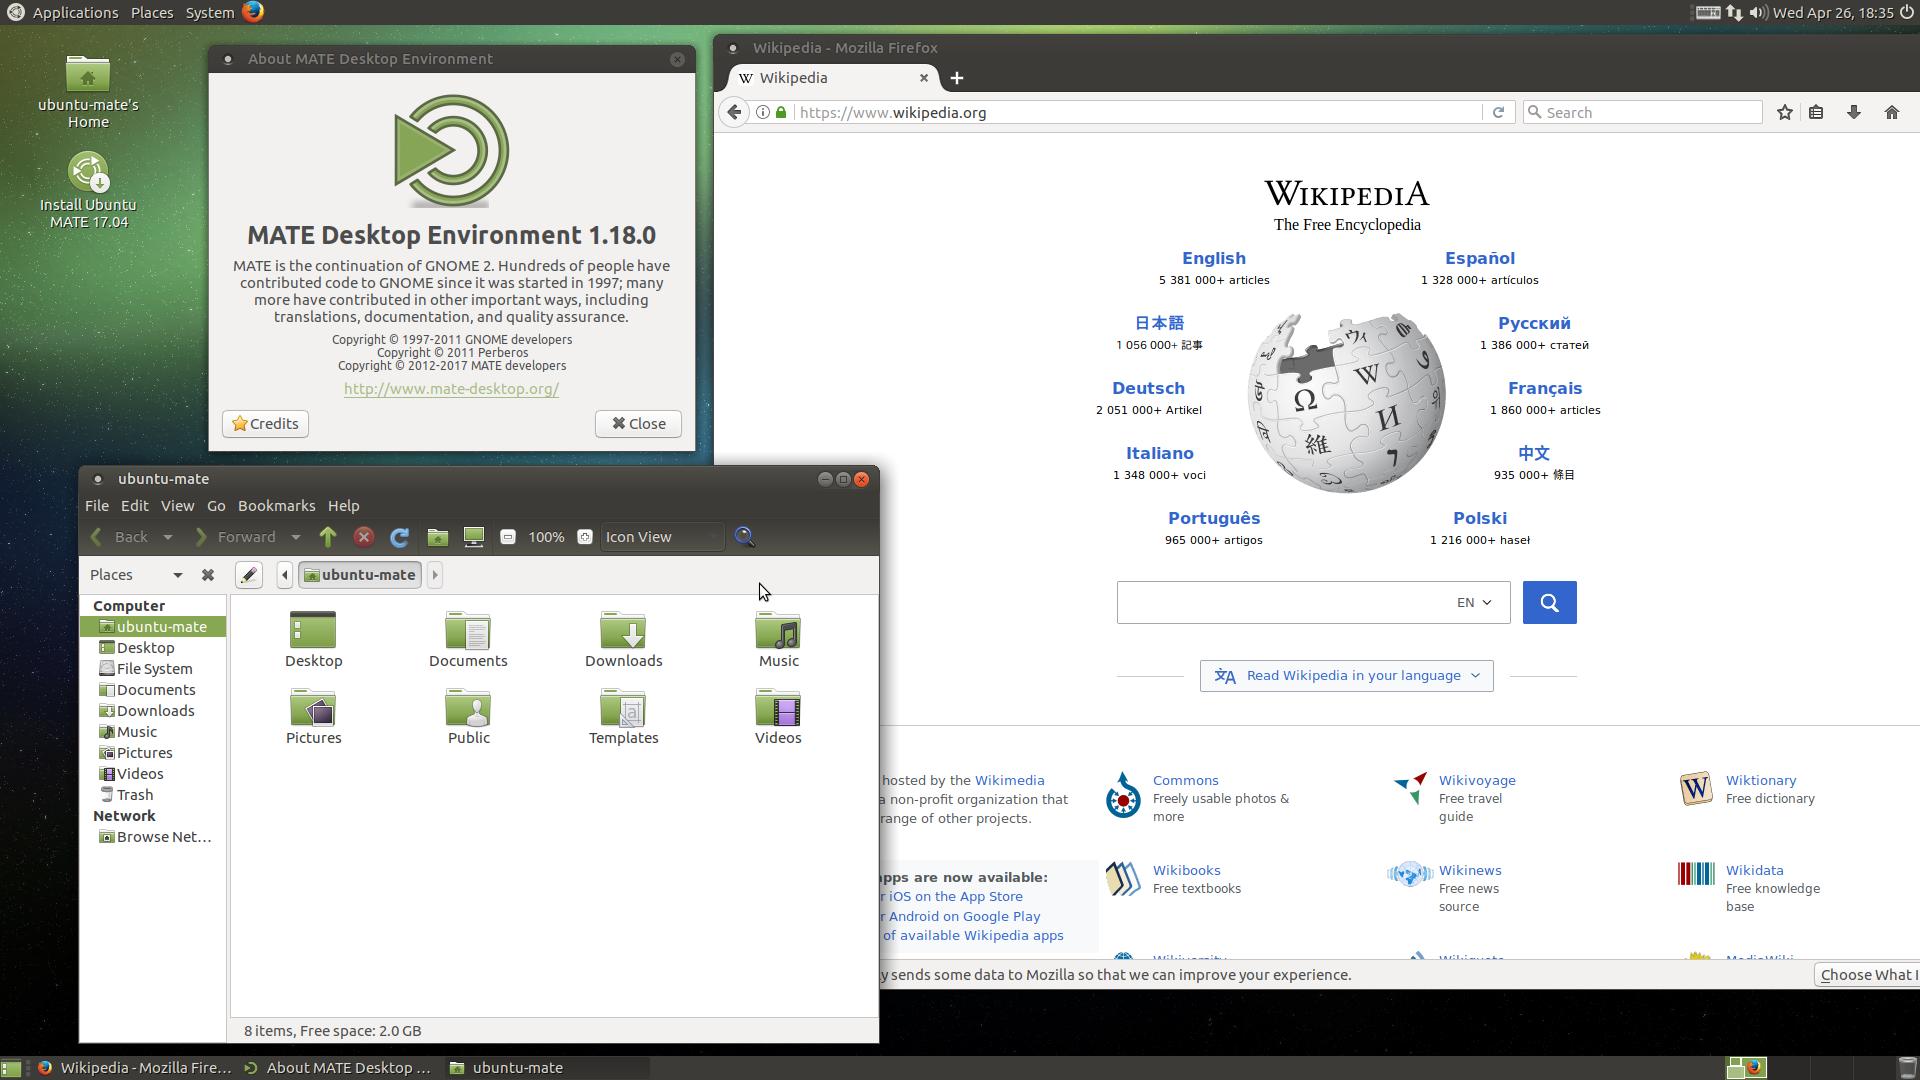 Ubuntu MATE - Wikipedia bahasa Indonesia, ensiklopedia bebas